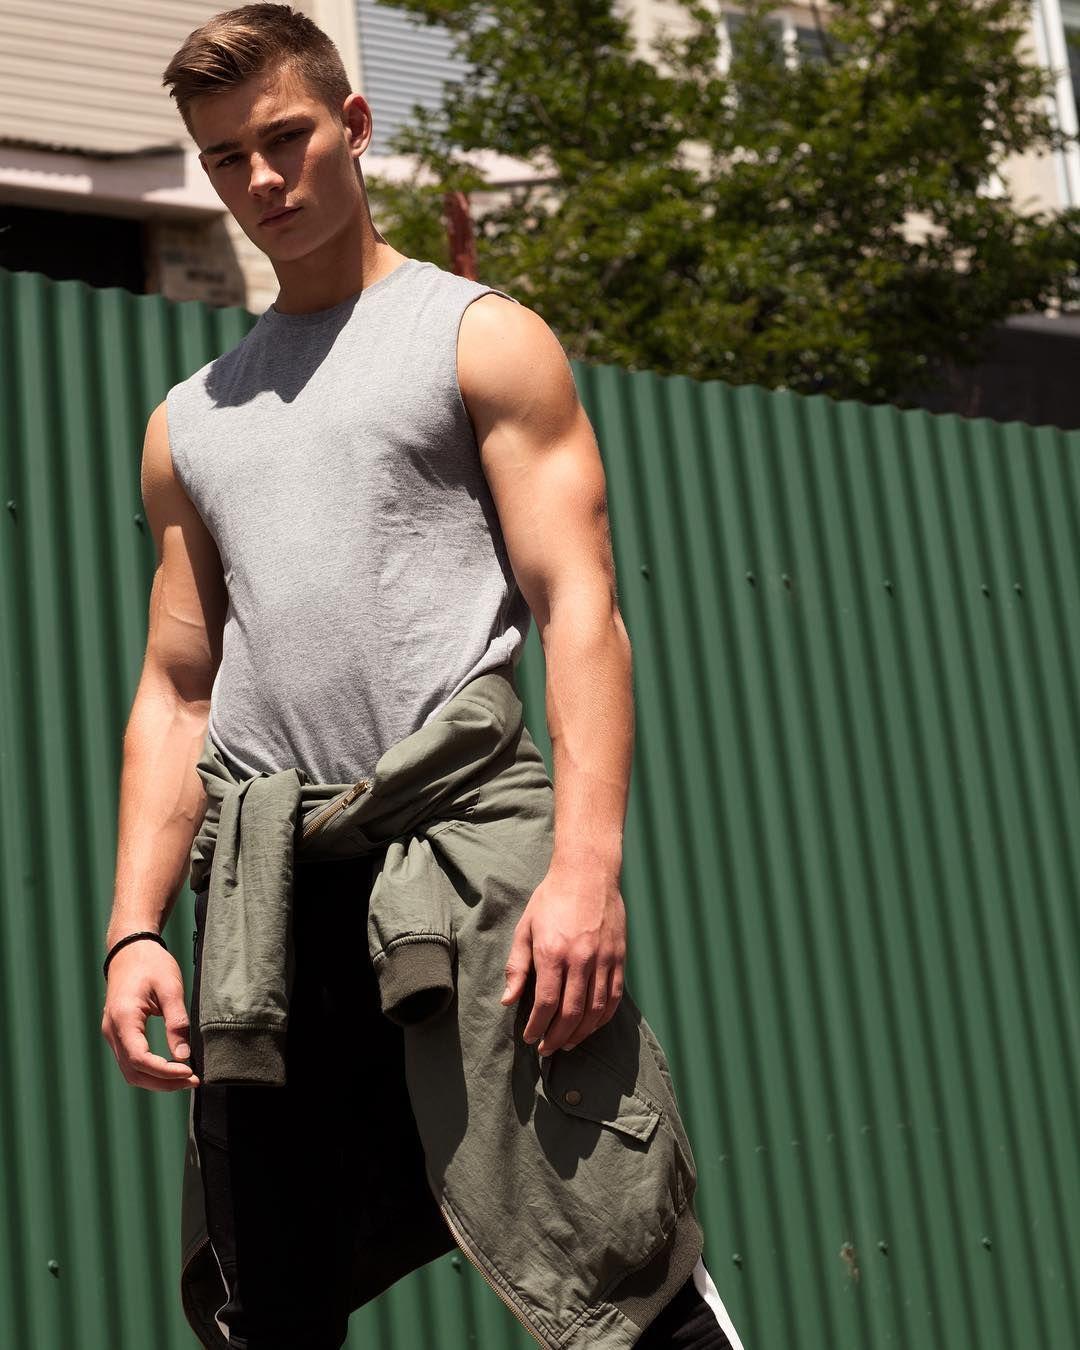 Гей видео секс спортсмены боксеры атлеты гей армия